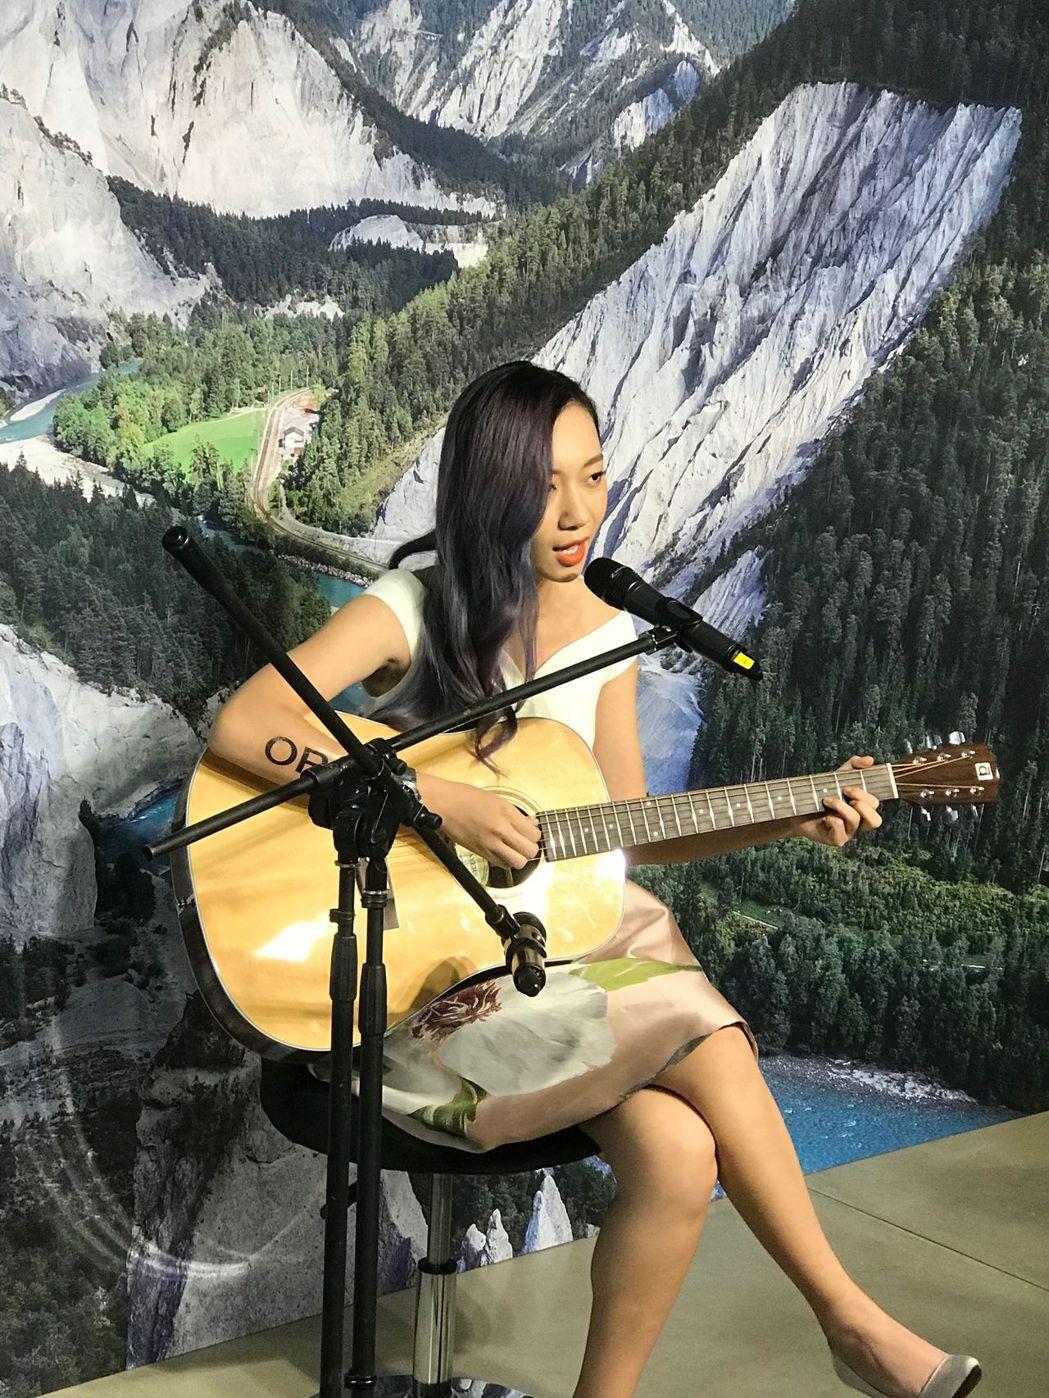 吳卓源(Julia Wu)出席ORIS全新潛水系列腕表上市記者會,發表創作歌曲-...